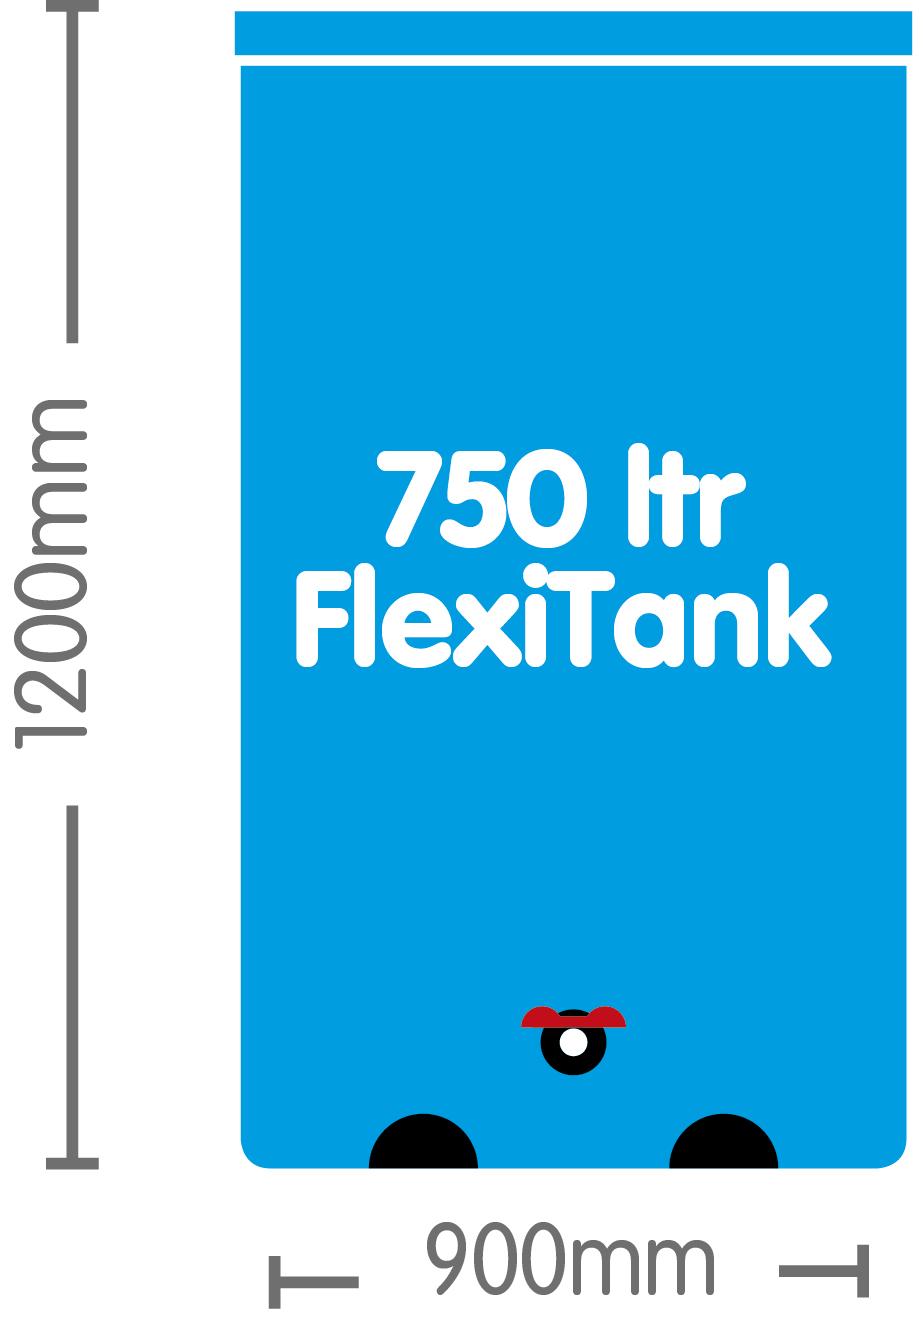 AutoPot Flexitank 750L